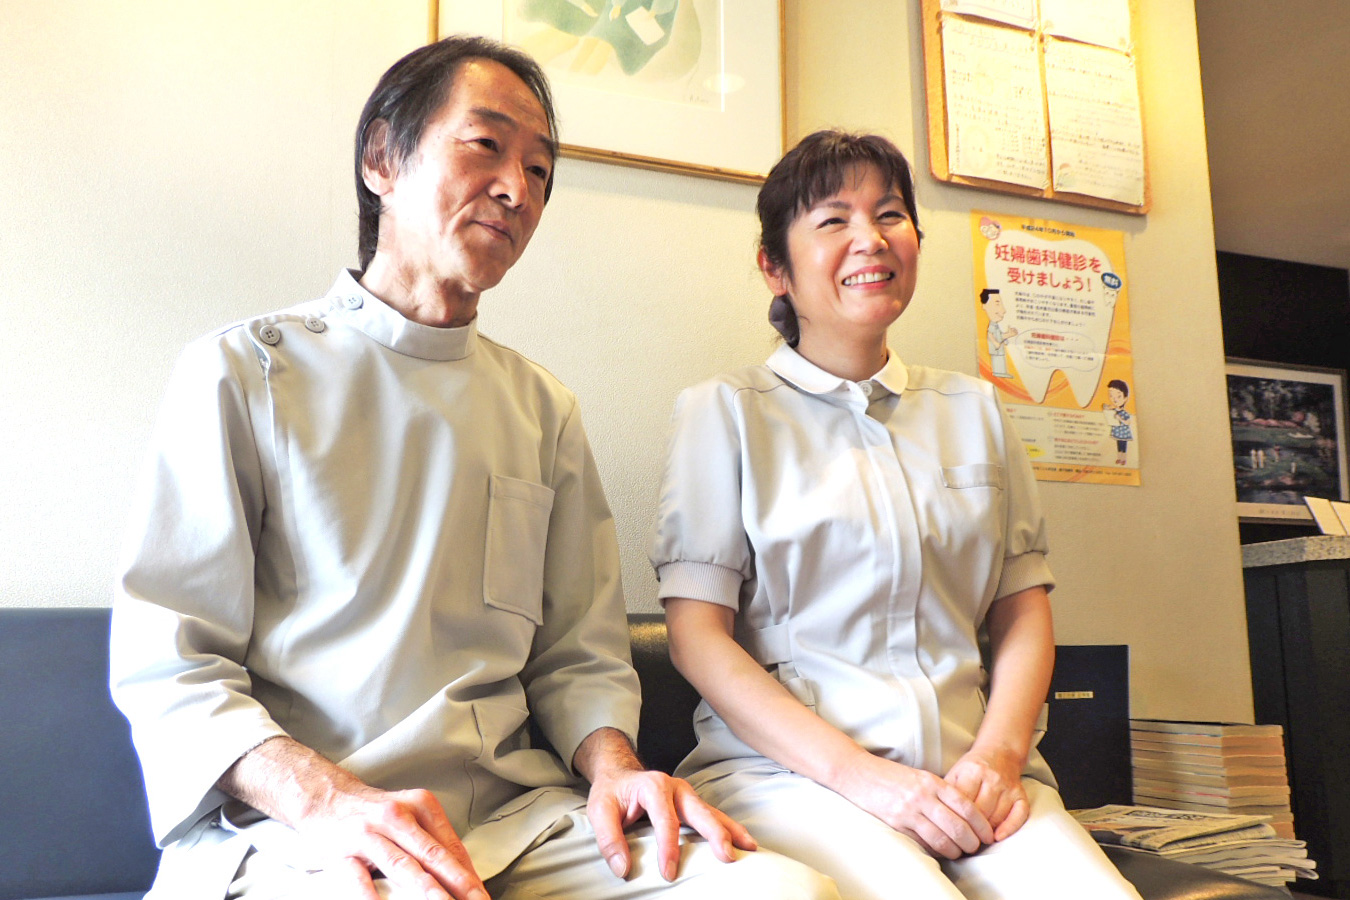 横山 靖 院長 & 横山 洋子 副院長